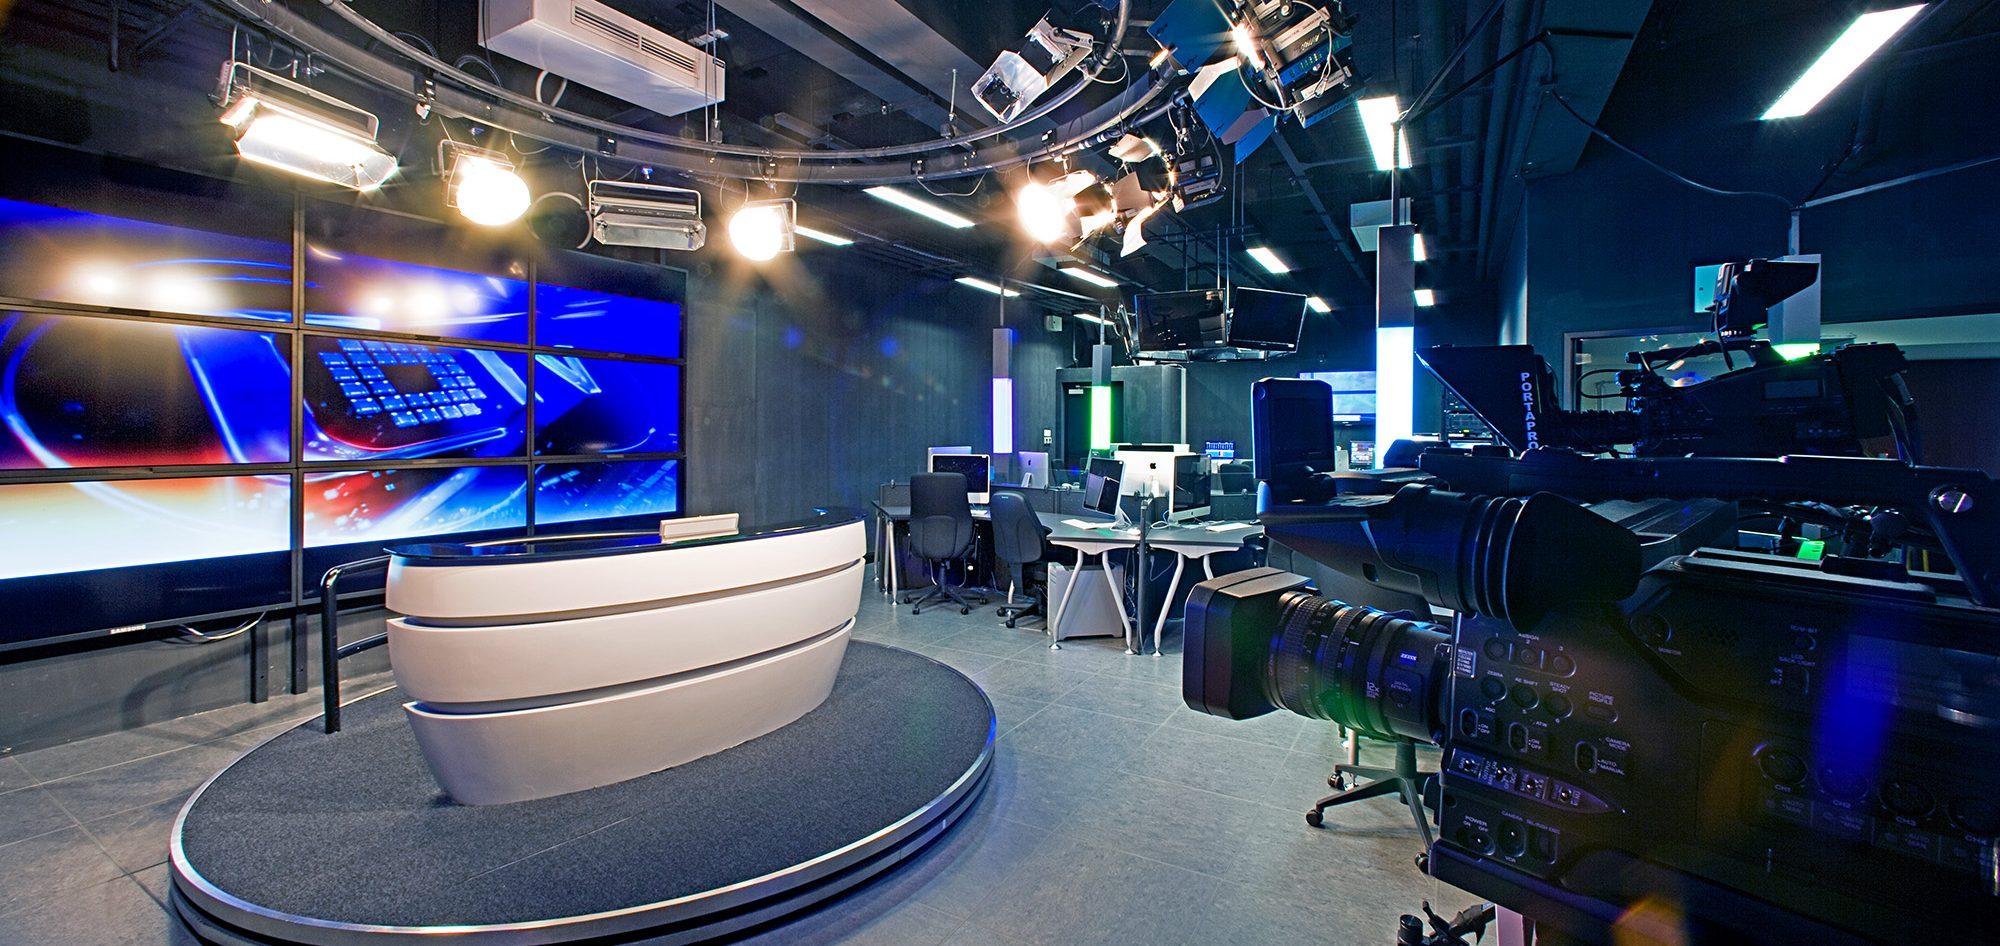 香港城市大學邵逸夫創意媒體中心